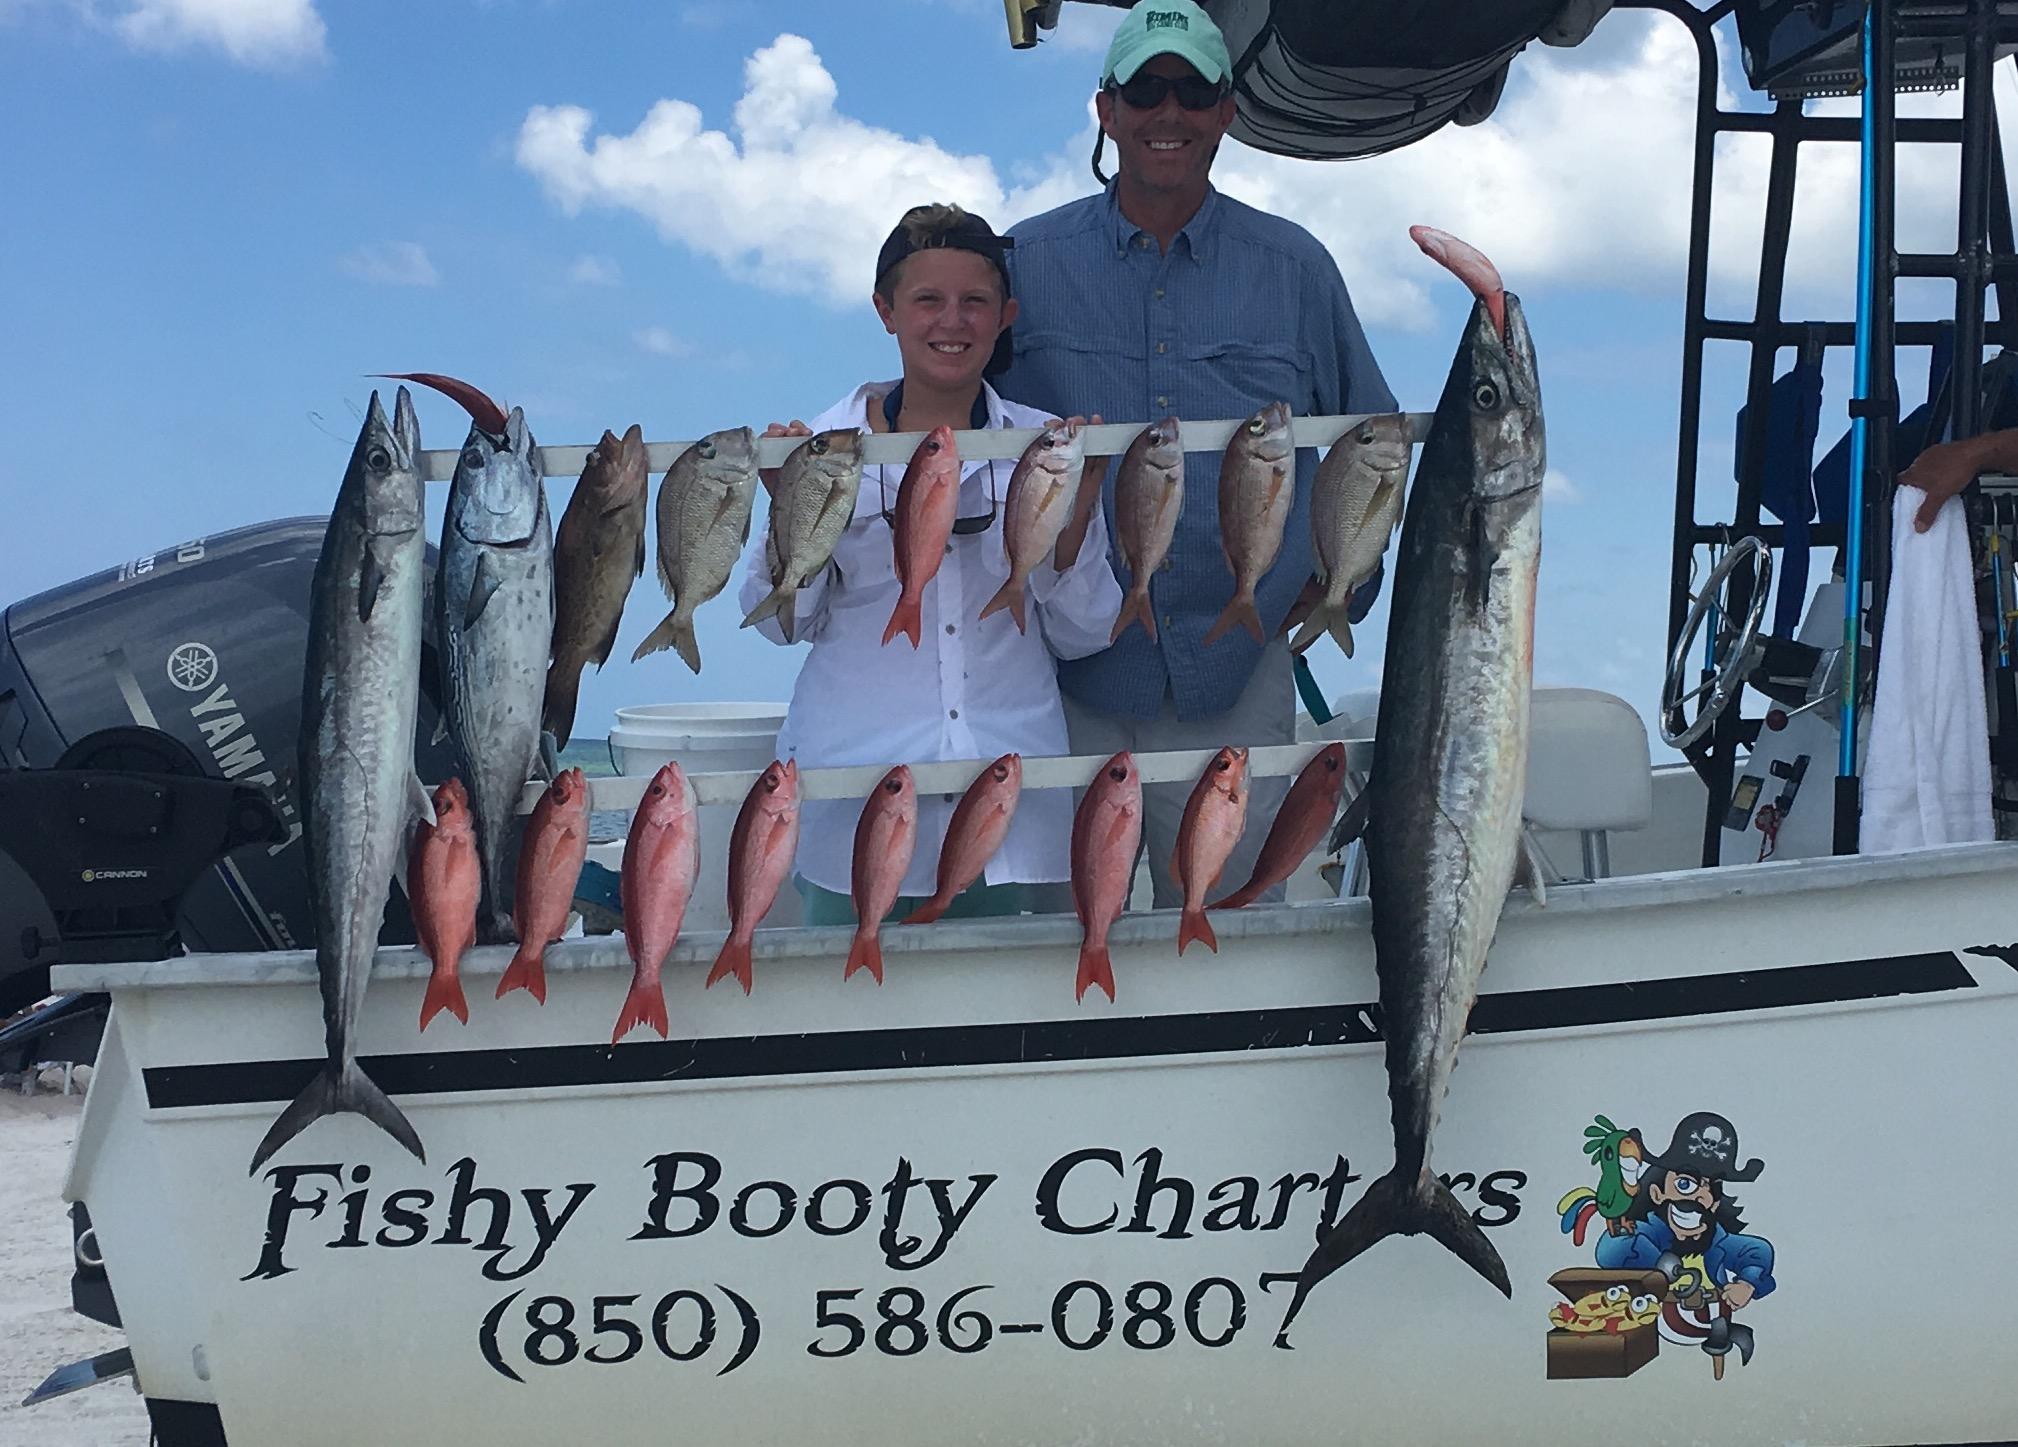 Fishy Booty Caharters - Grayton Beach Floria 30A SoWal Jul 26, 11 37 08 AM.jpg